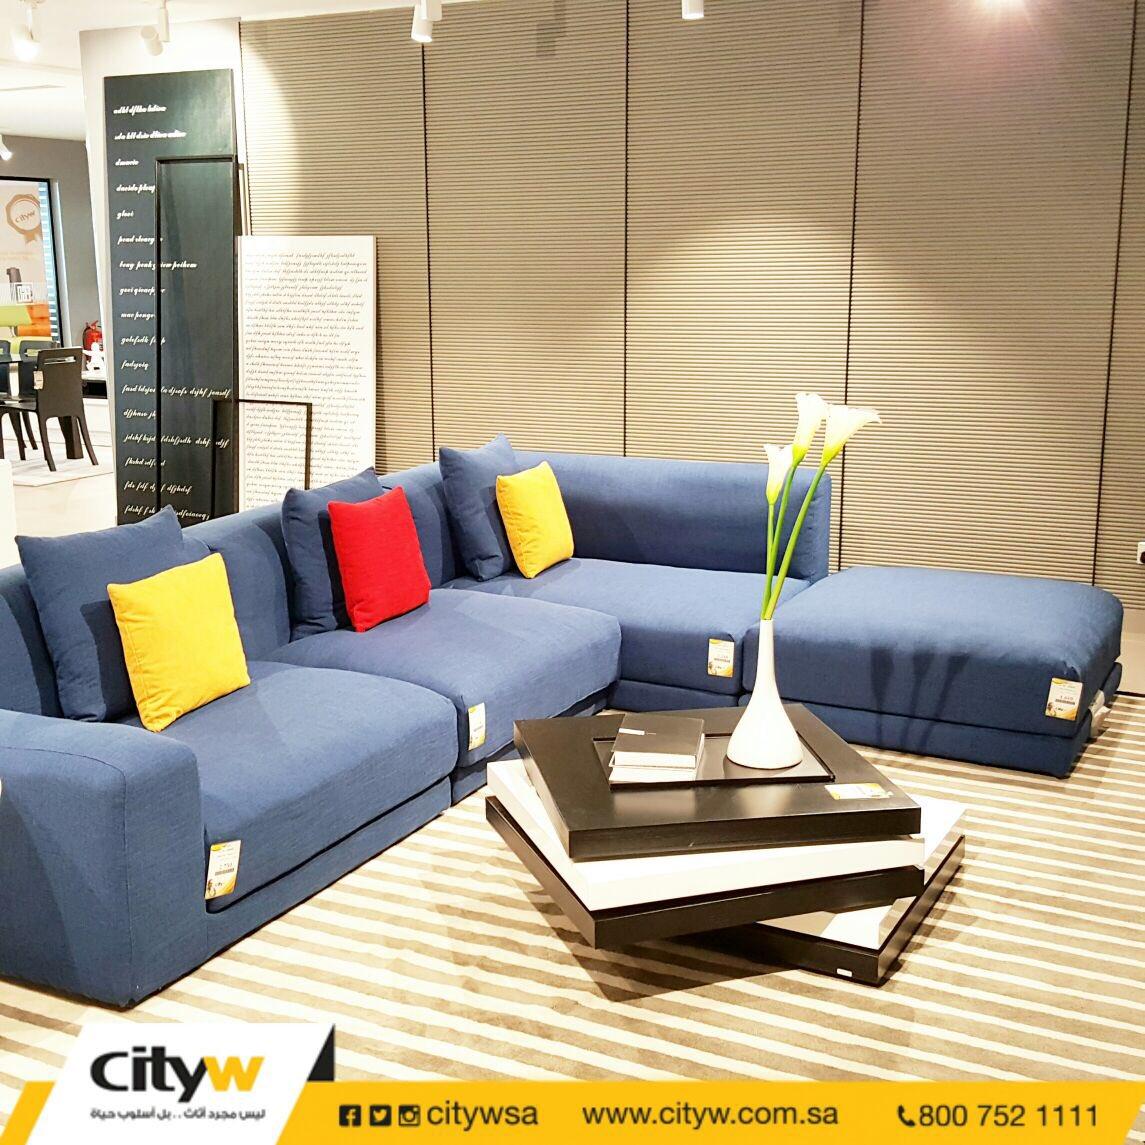 Cityw سيتي دبليو Twitterren طقم كنب رائع لغرفة المعيشة لتستمتع انت و عائلتك سيتي دبليو الرياض جدة الخبر Cityw